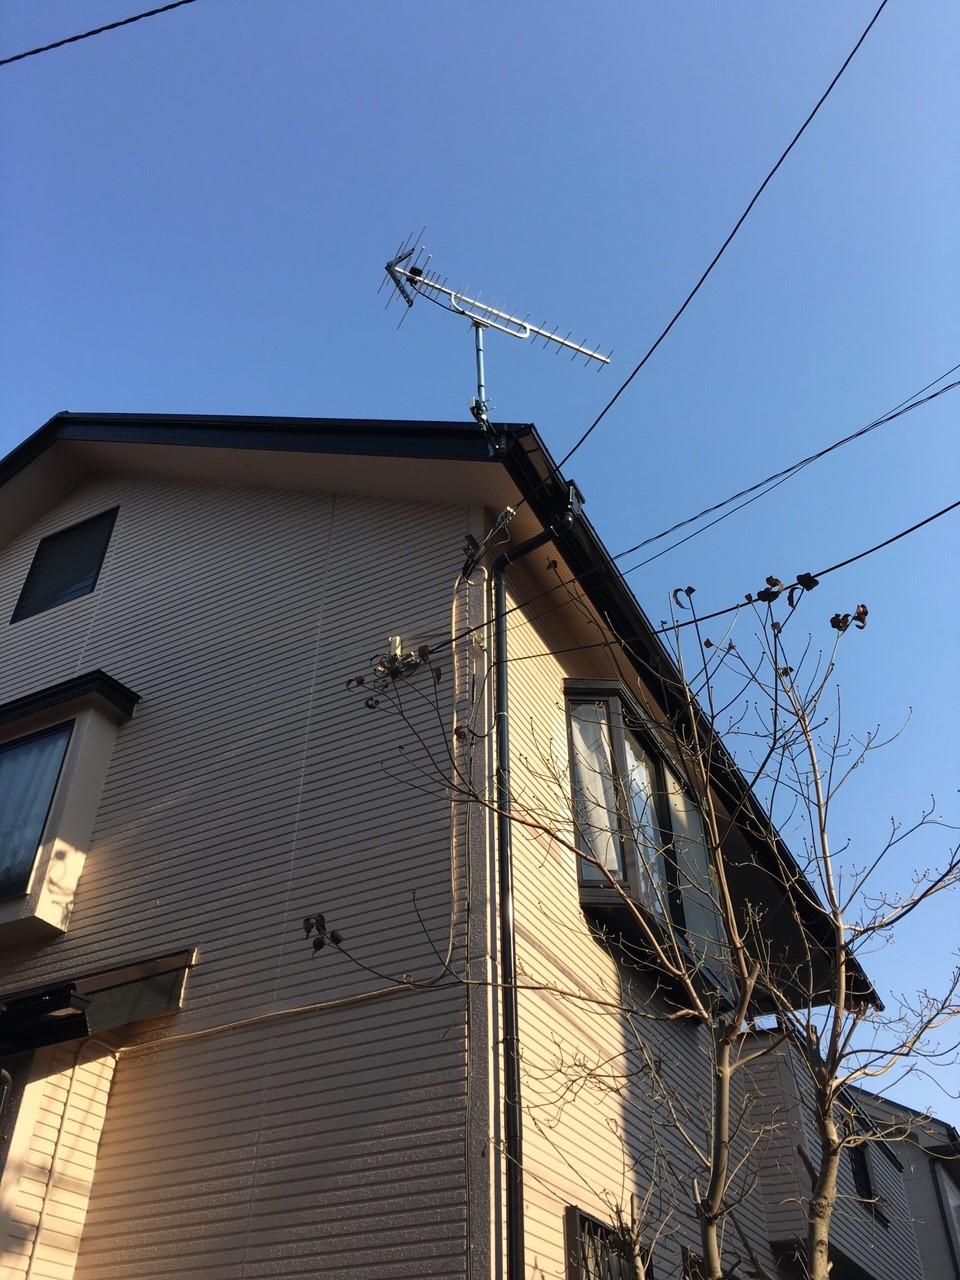 埼玉県富士見市の八木式アンテナ工事事例